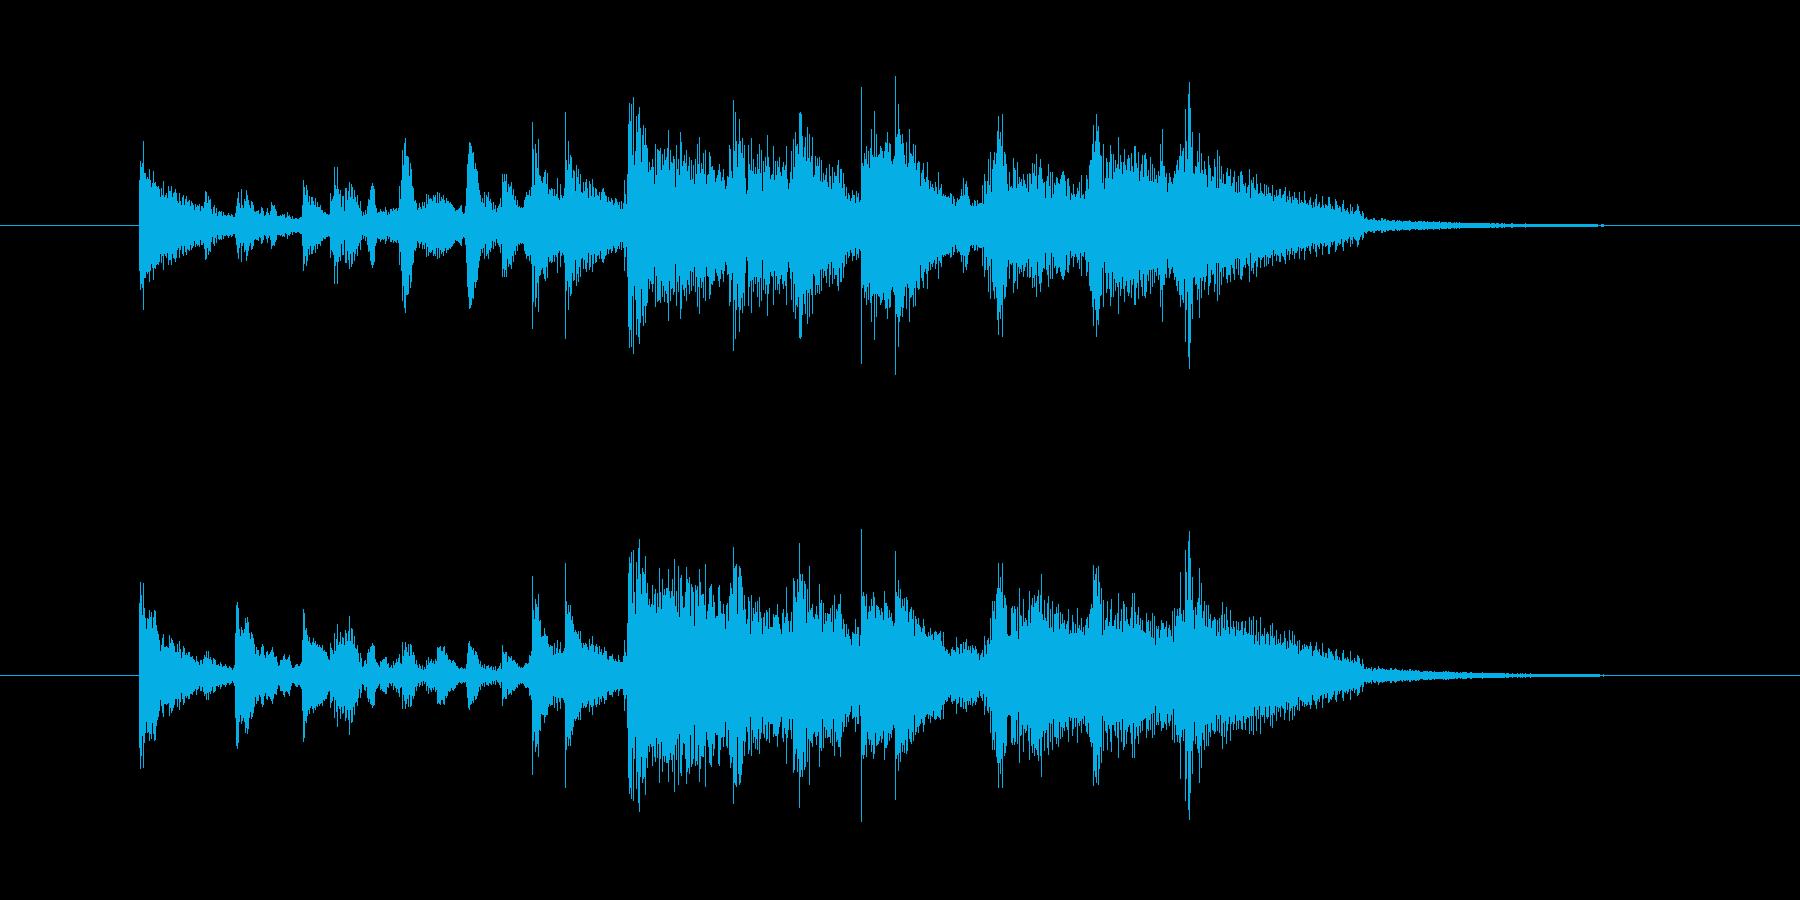 ジングル(スタイリッシュなサウンド)の再生済みの波形